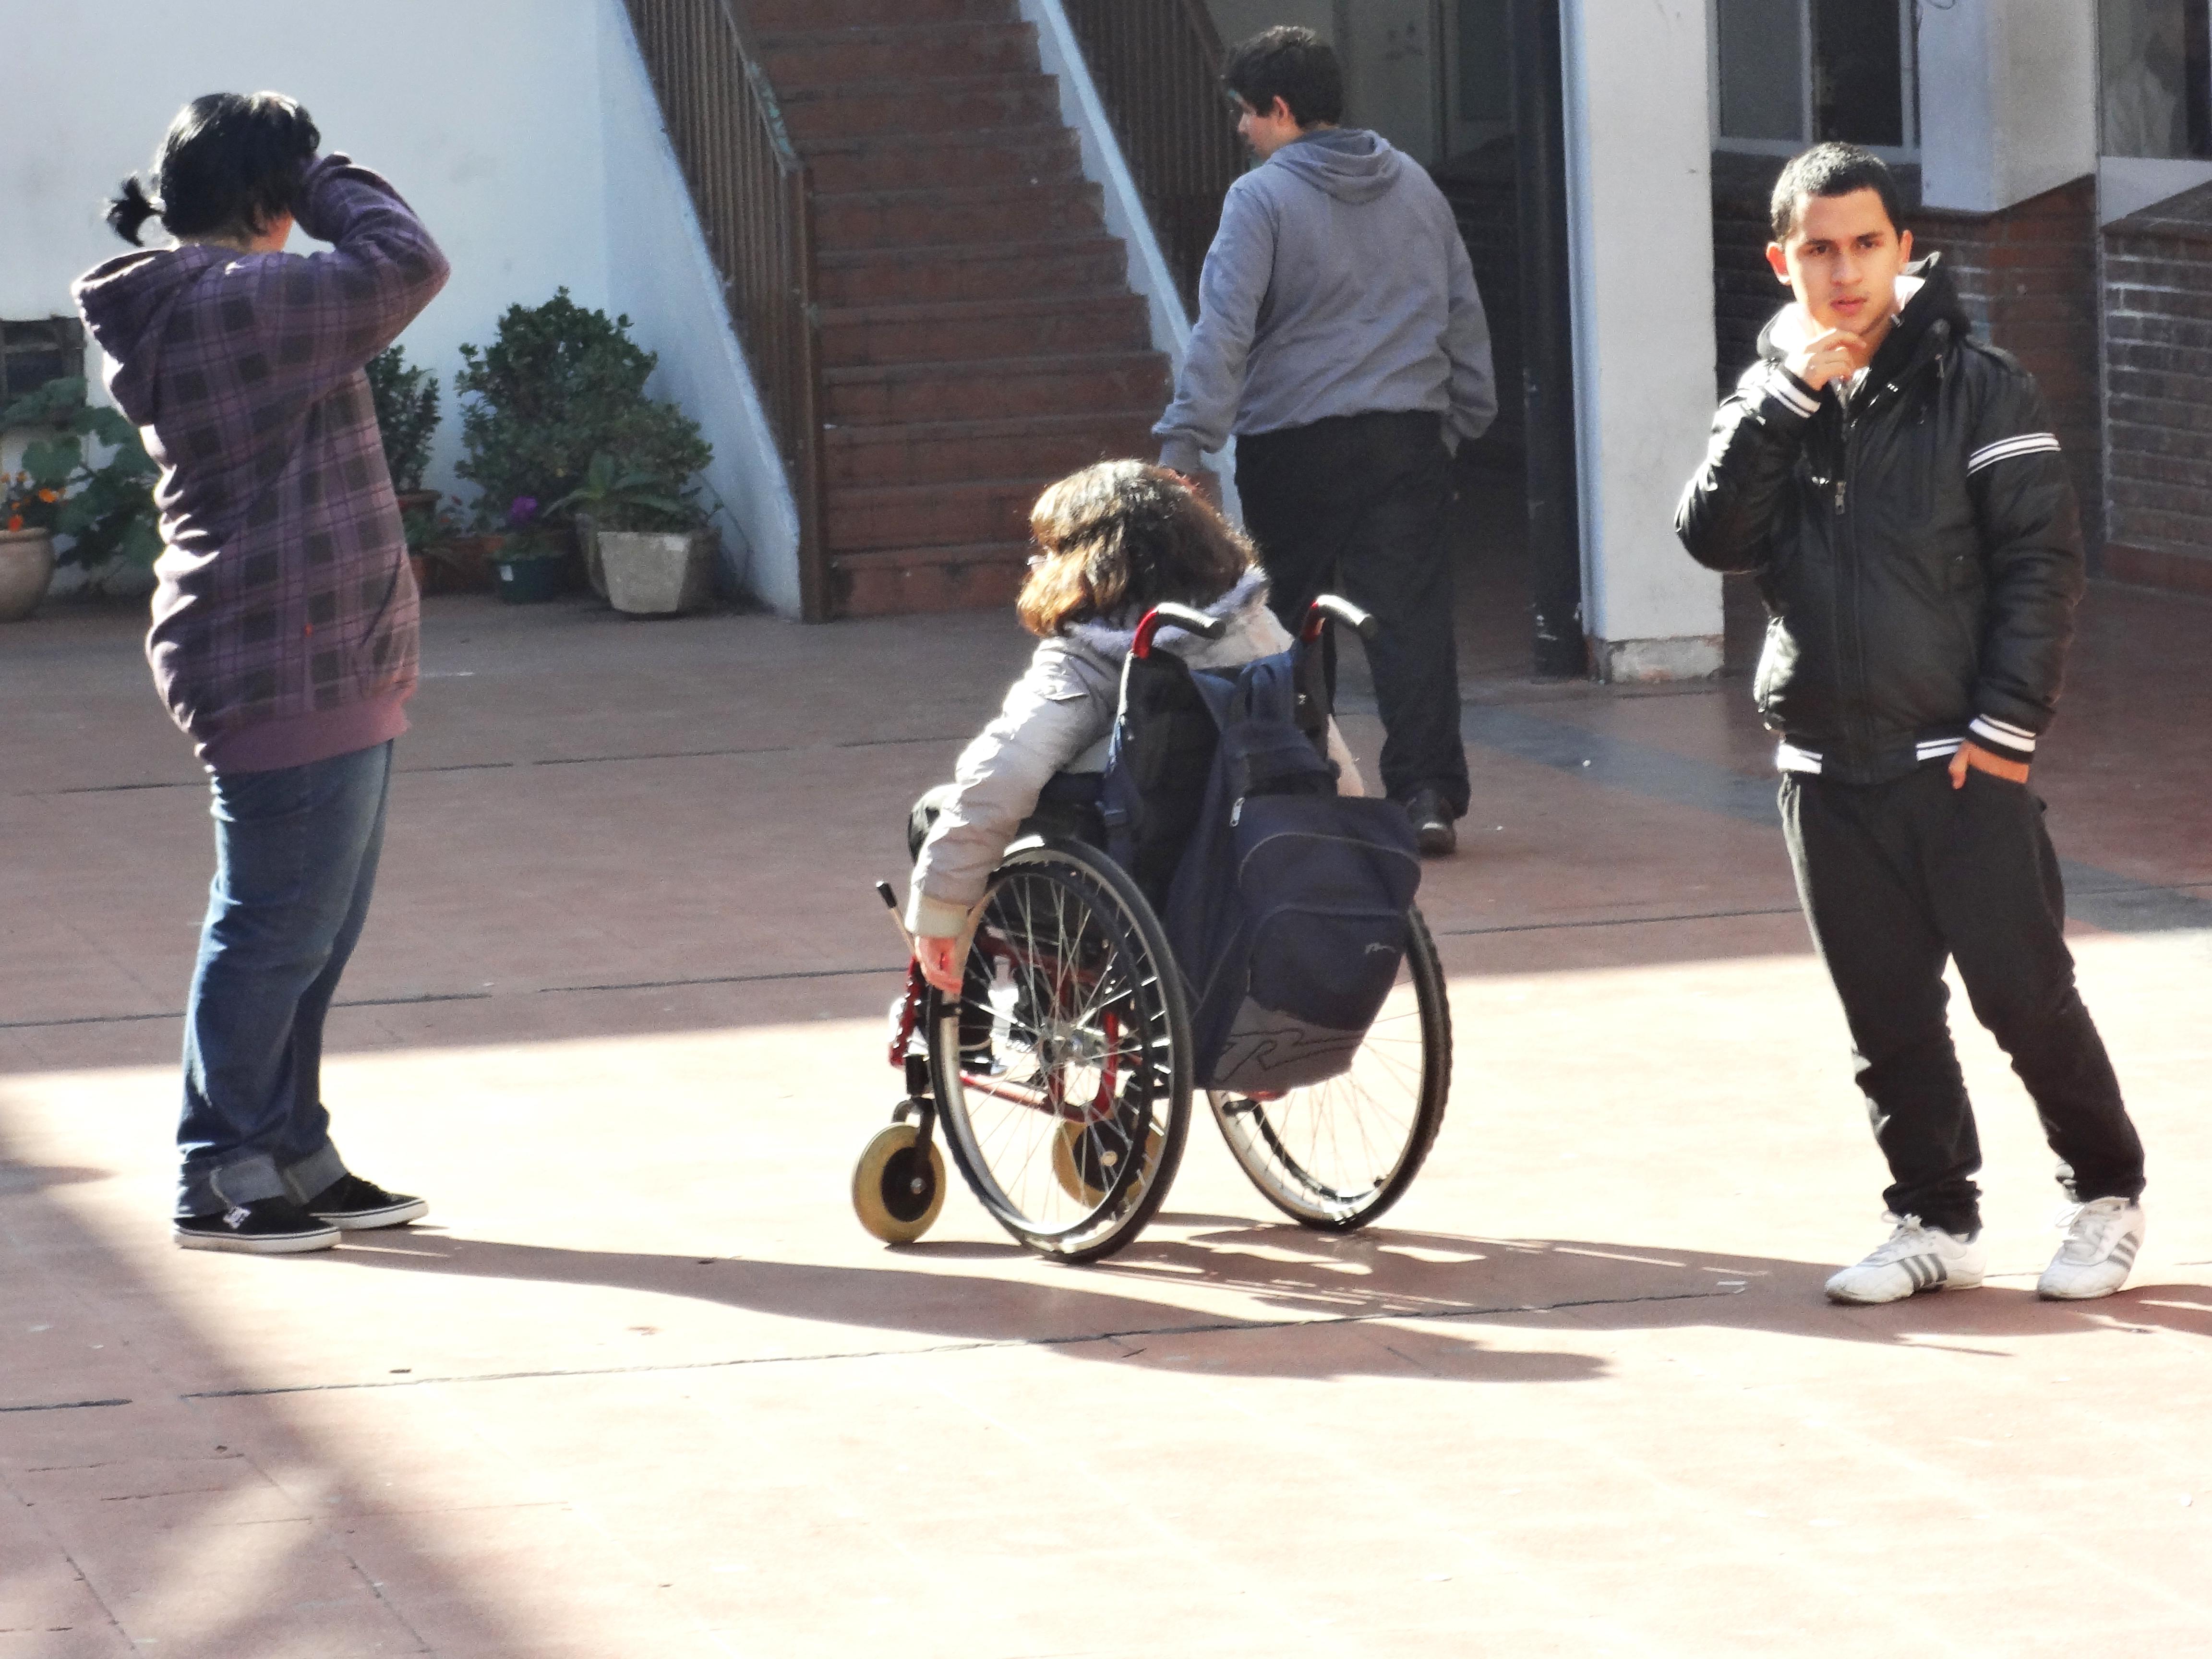 Menina em cadeira de rodas se movimenta entre outros jovens sem deficiência no pátio da escola.